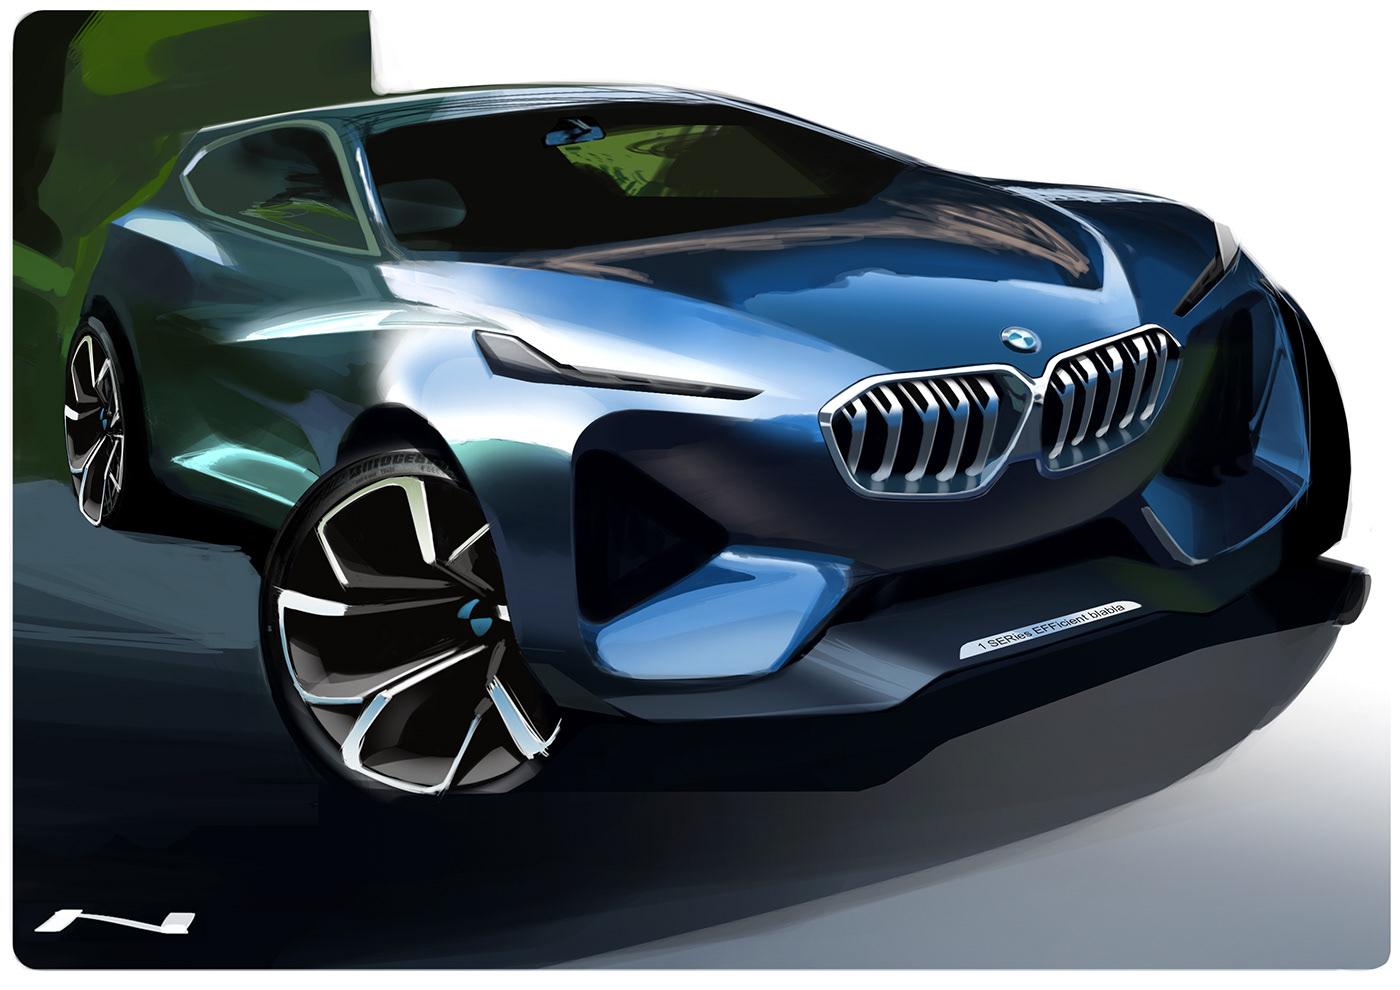 優秀的20張概念車草圖設計欣賞